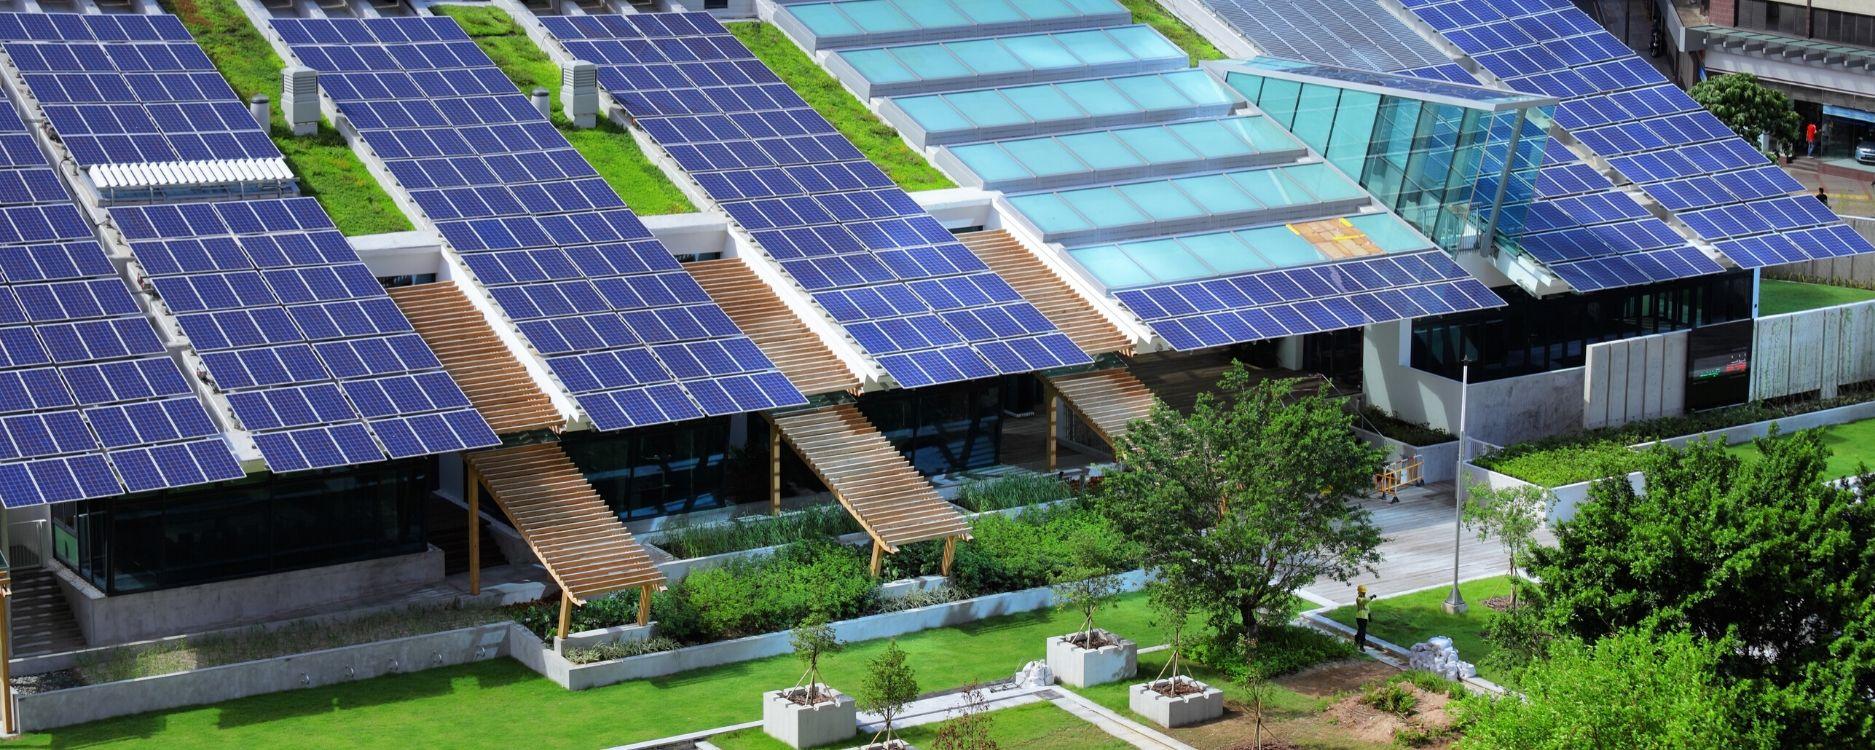 placas solares en edificios para autoconsumo en edificación sostenible